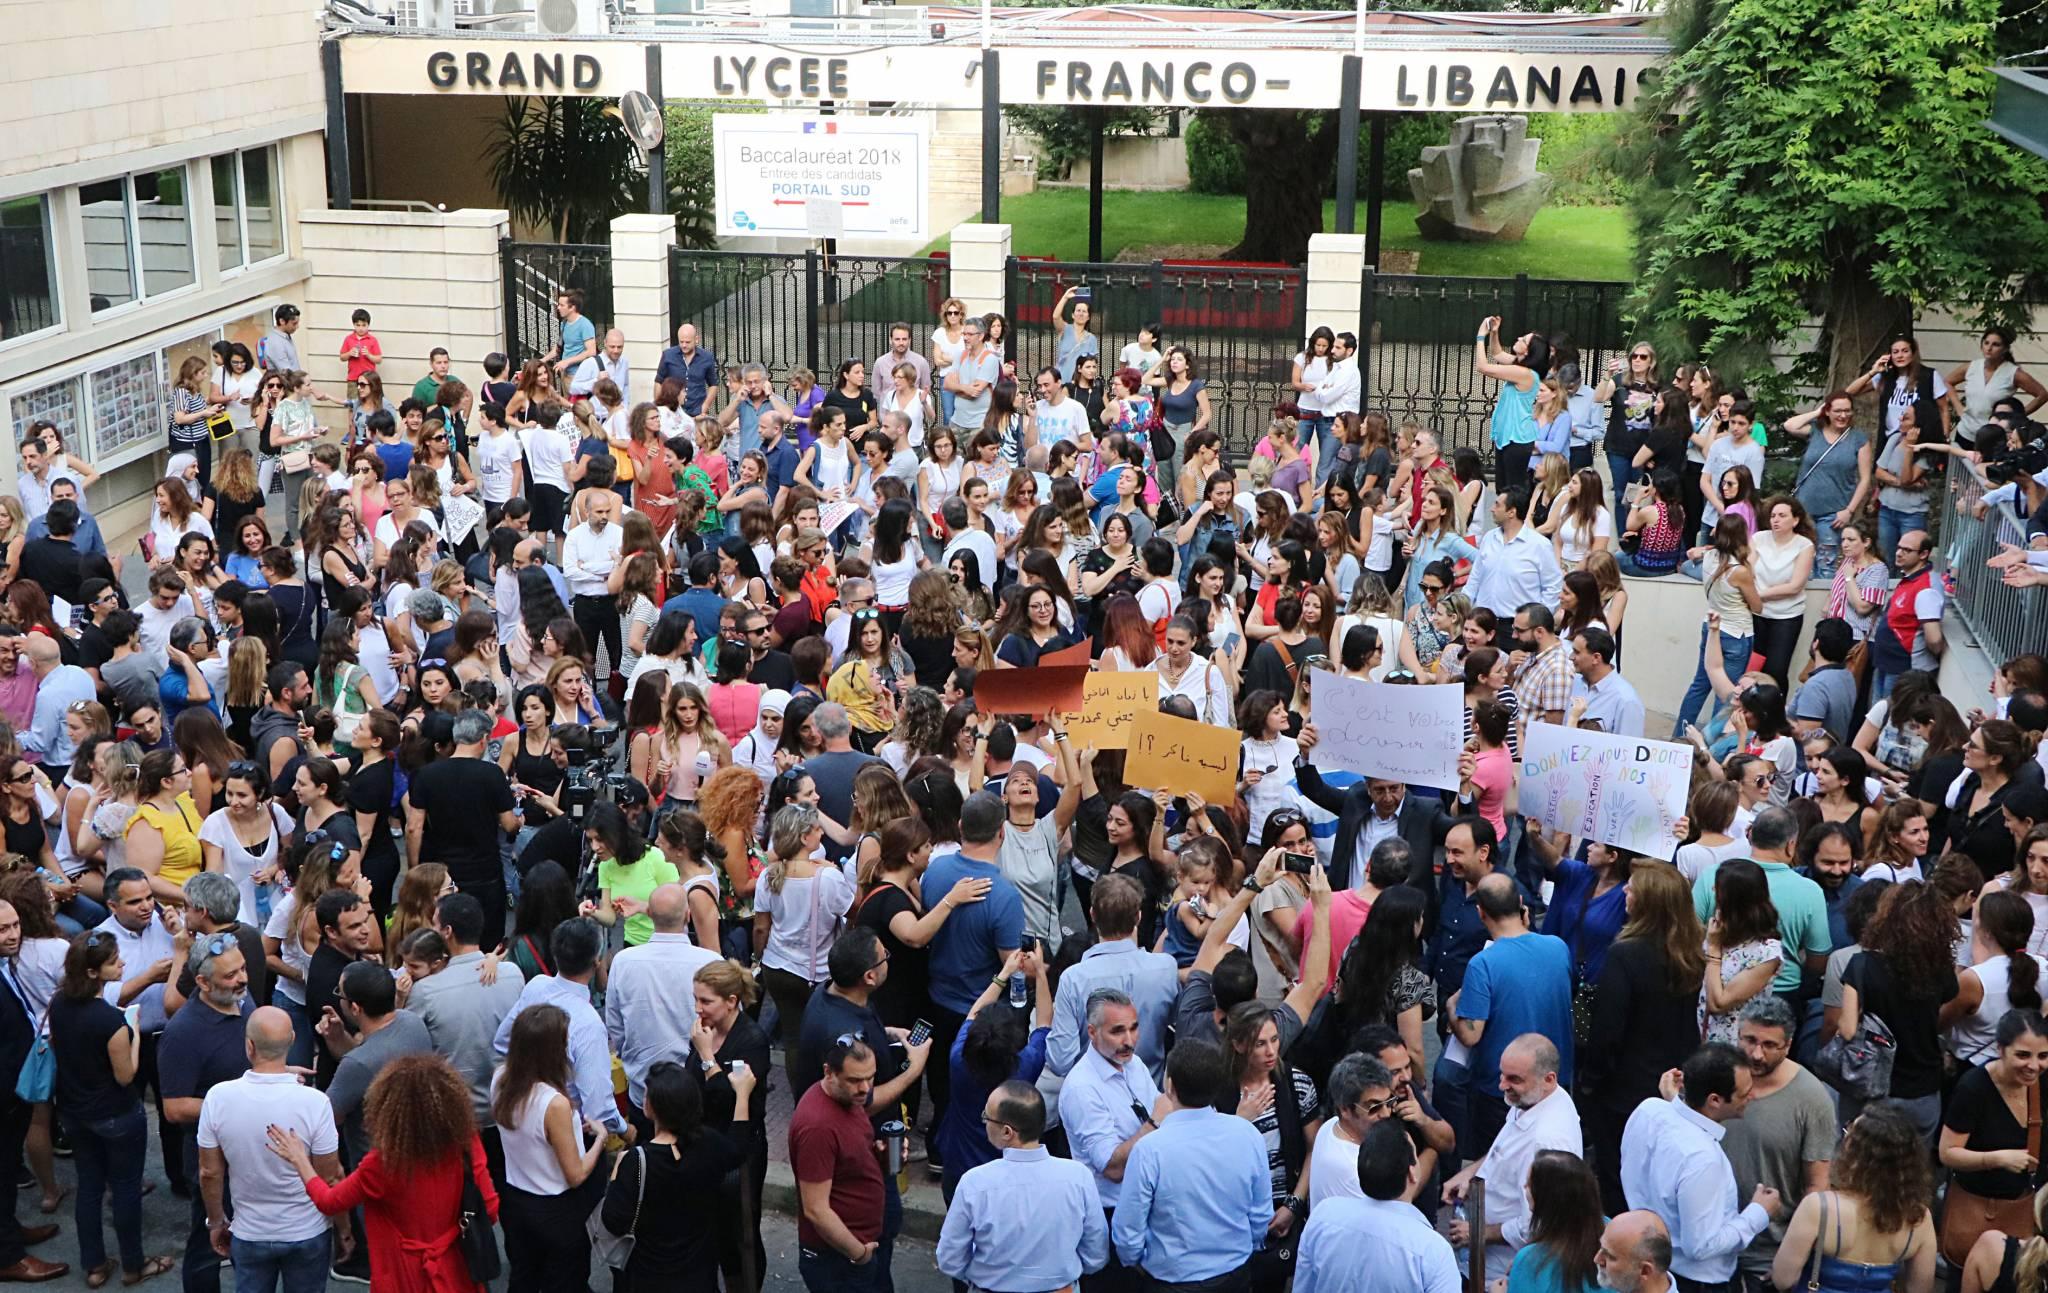 Retour sur l'énorme crise qui a secoué le Grand Lycée franco-libanais